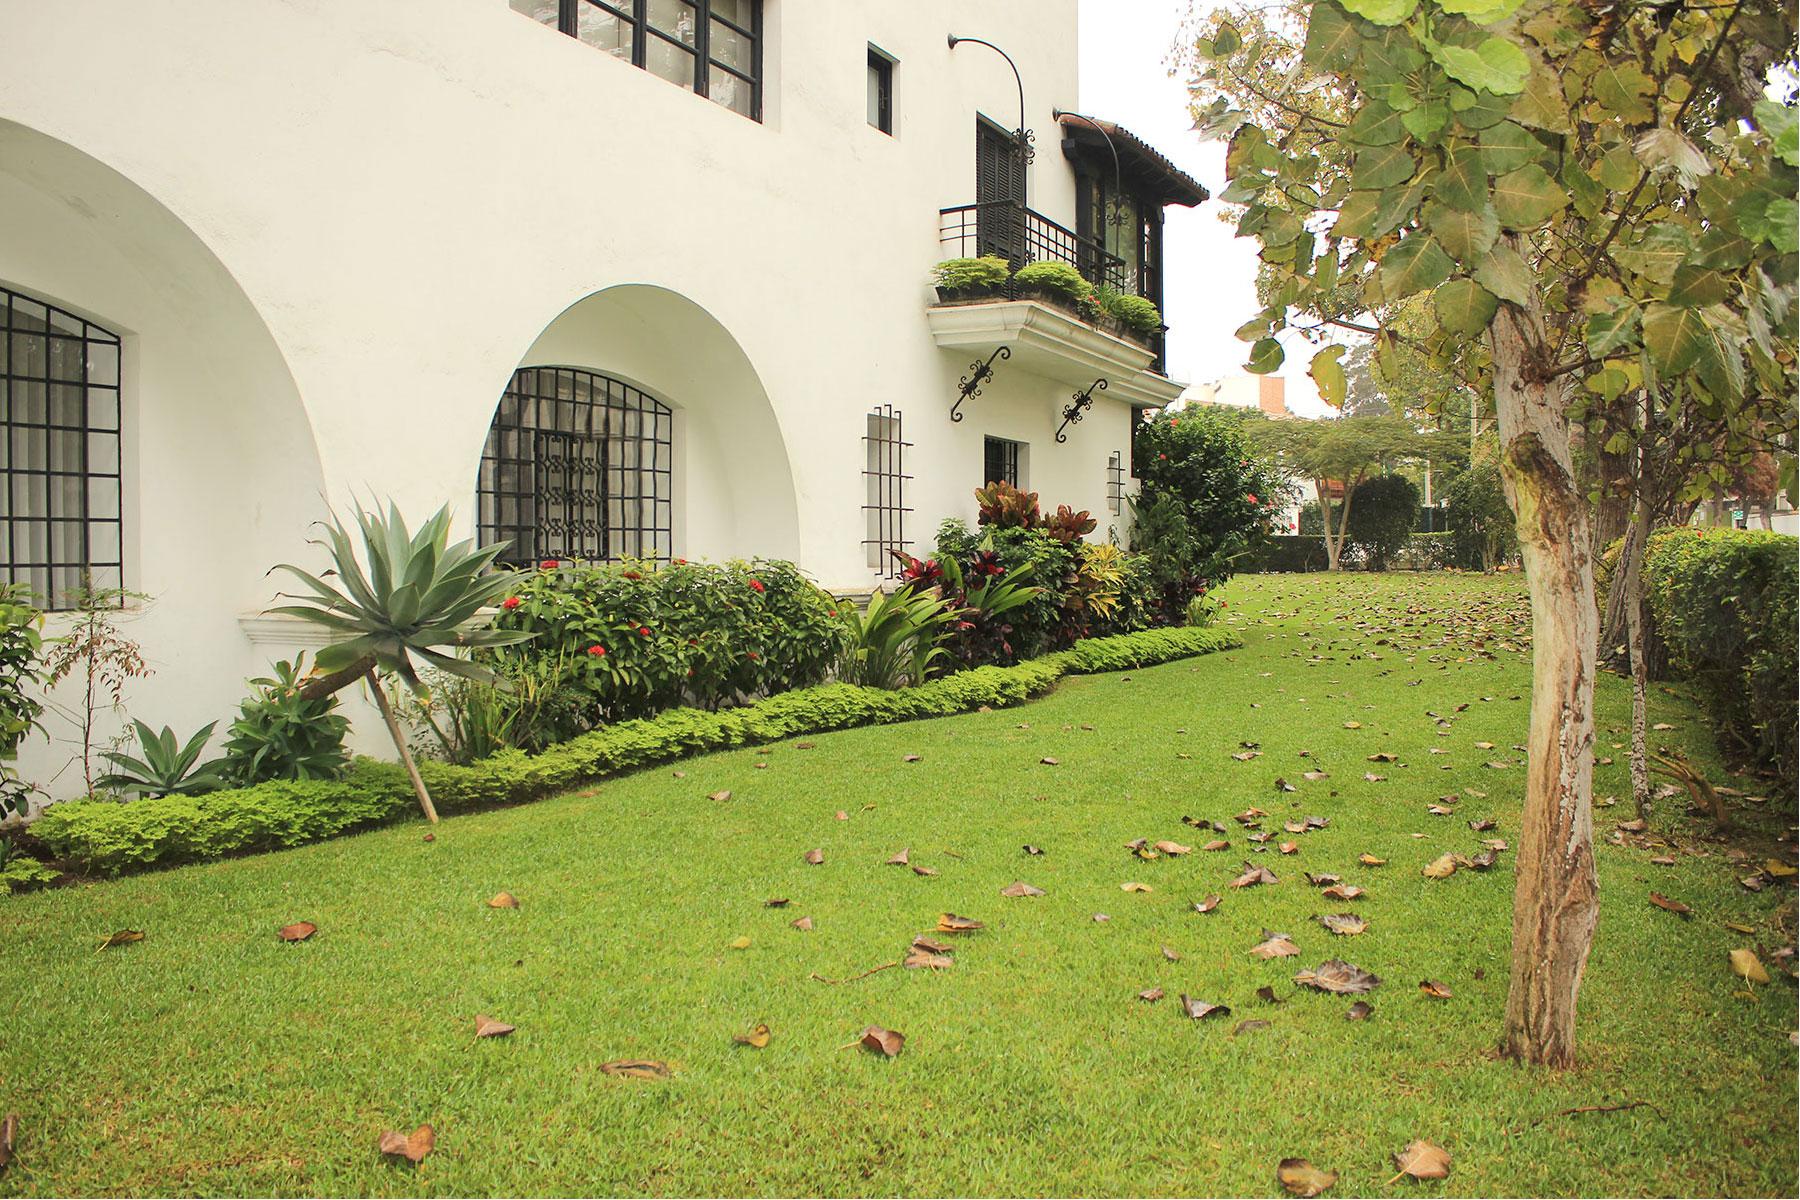 Apartment for Rent at Exclusivo Departamento en Edificio Exclusivo rodeado de jardínes Av. El Rosario San Isidro, Lima, 27 Peru